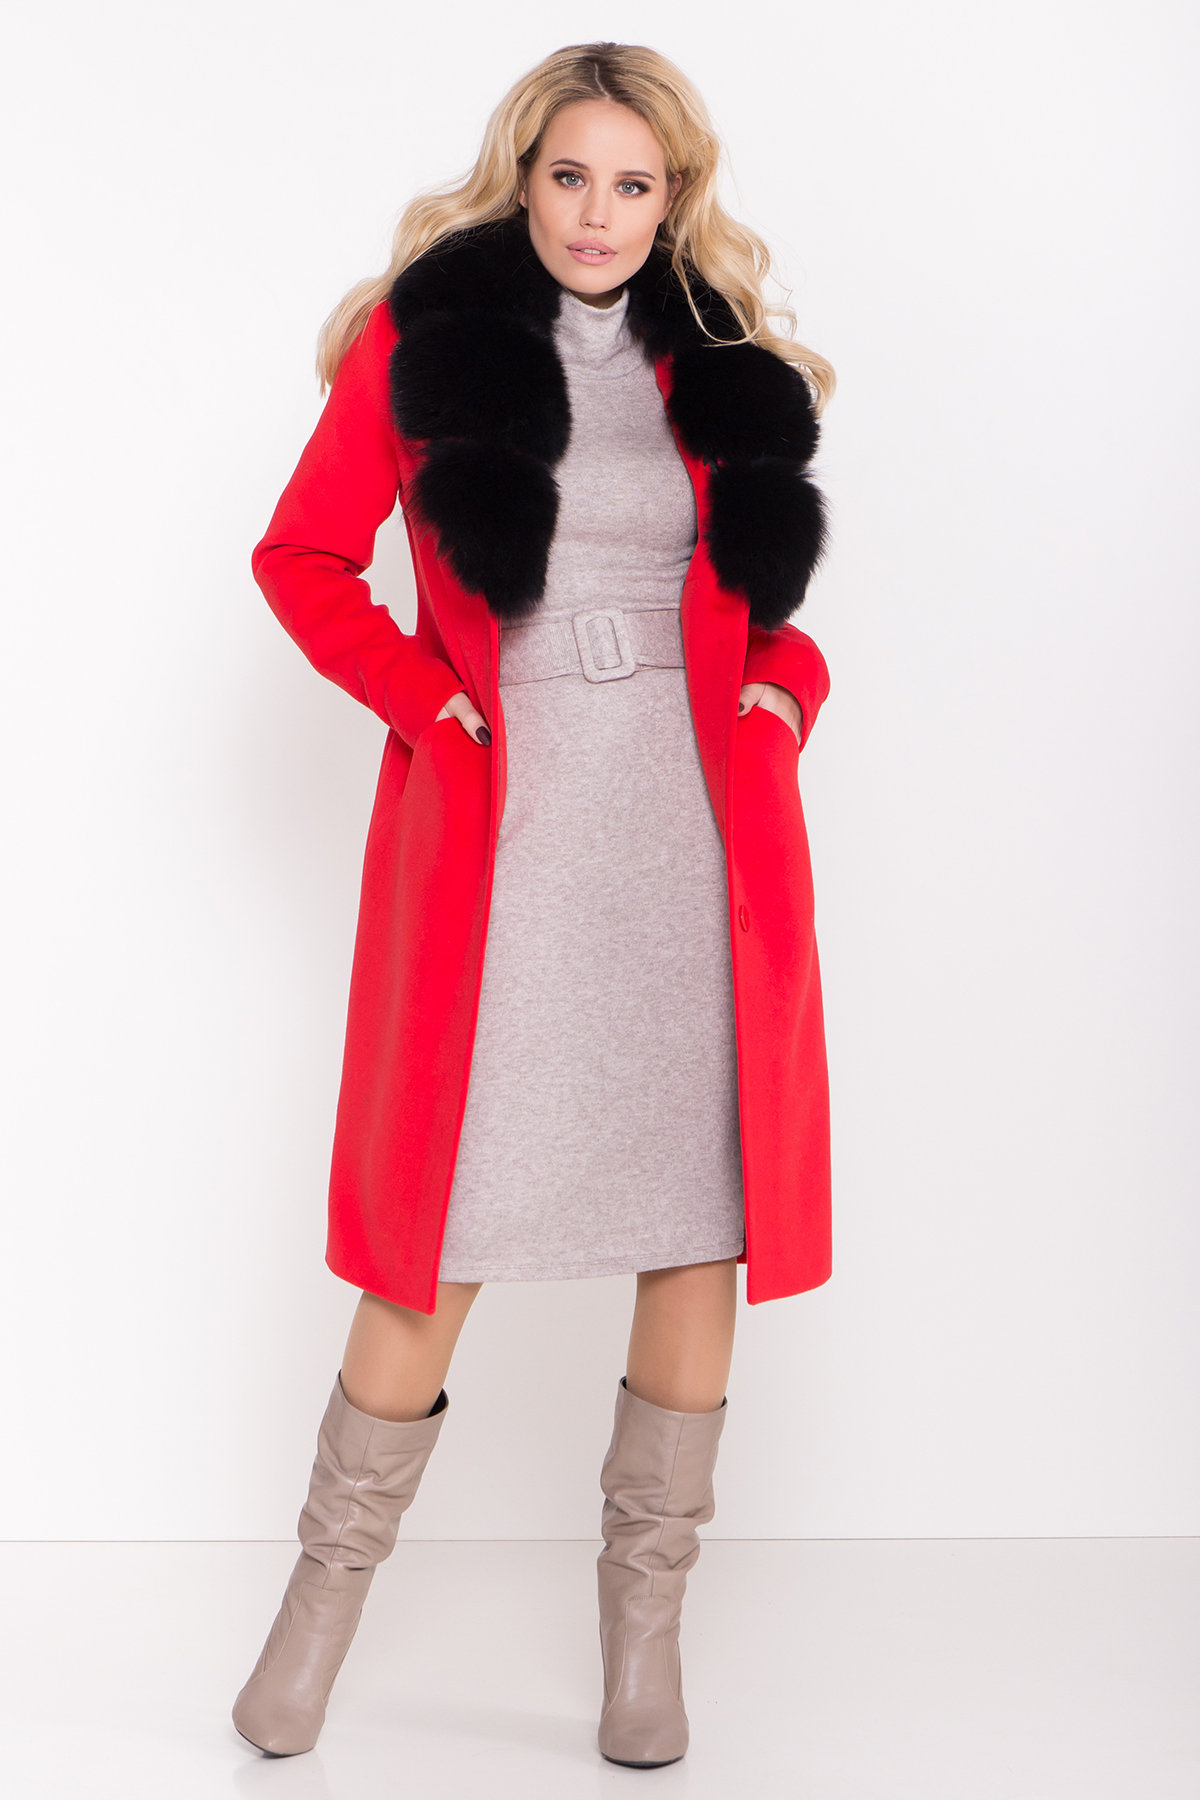 Зимнее пальто с меховым воротником Кареро 8439 АРТ. 44695 Цвет: Красный - фото 2, интернет магазин tm-modus.ru